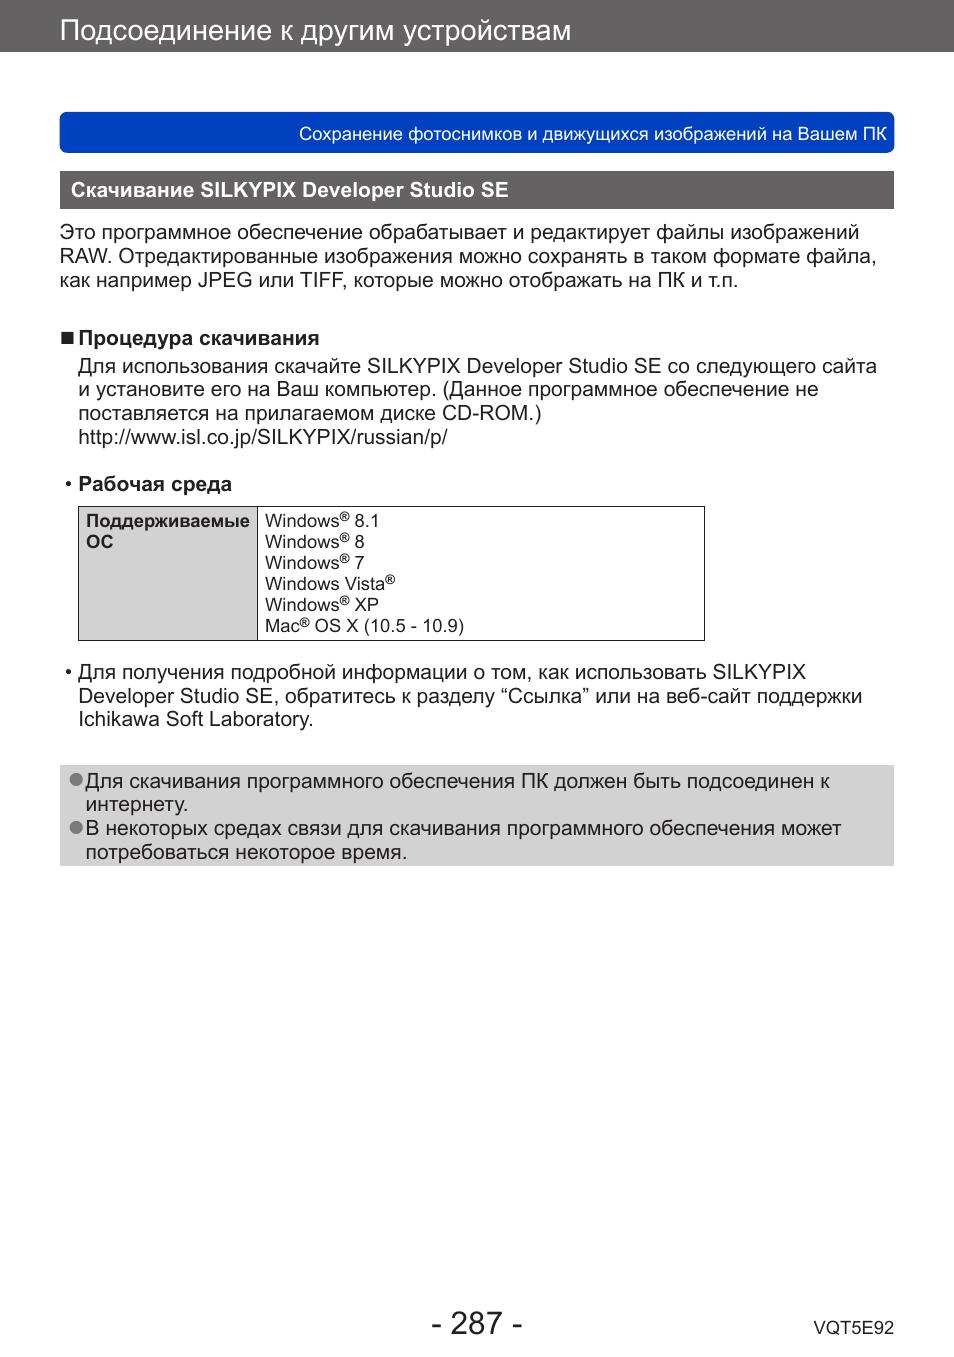 Скачивание, Silkypix developer studio se, Подсоединение к другим устройствам Инструкция по эксплуатации Panasonic DMC-TZ60 Стран